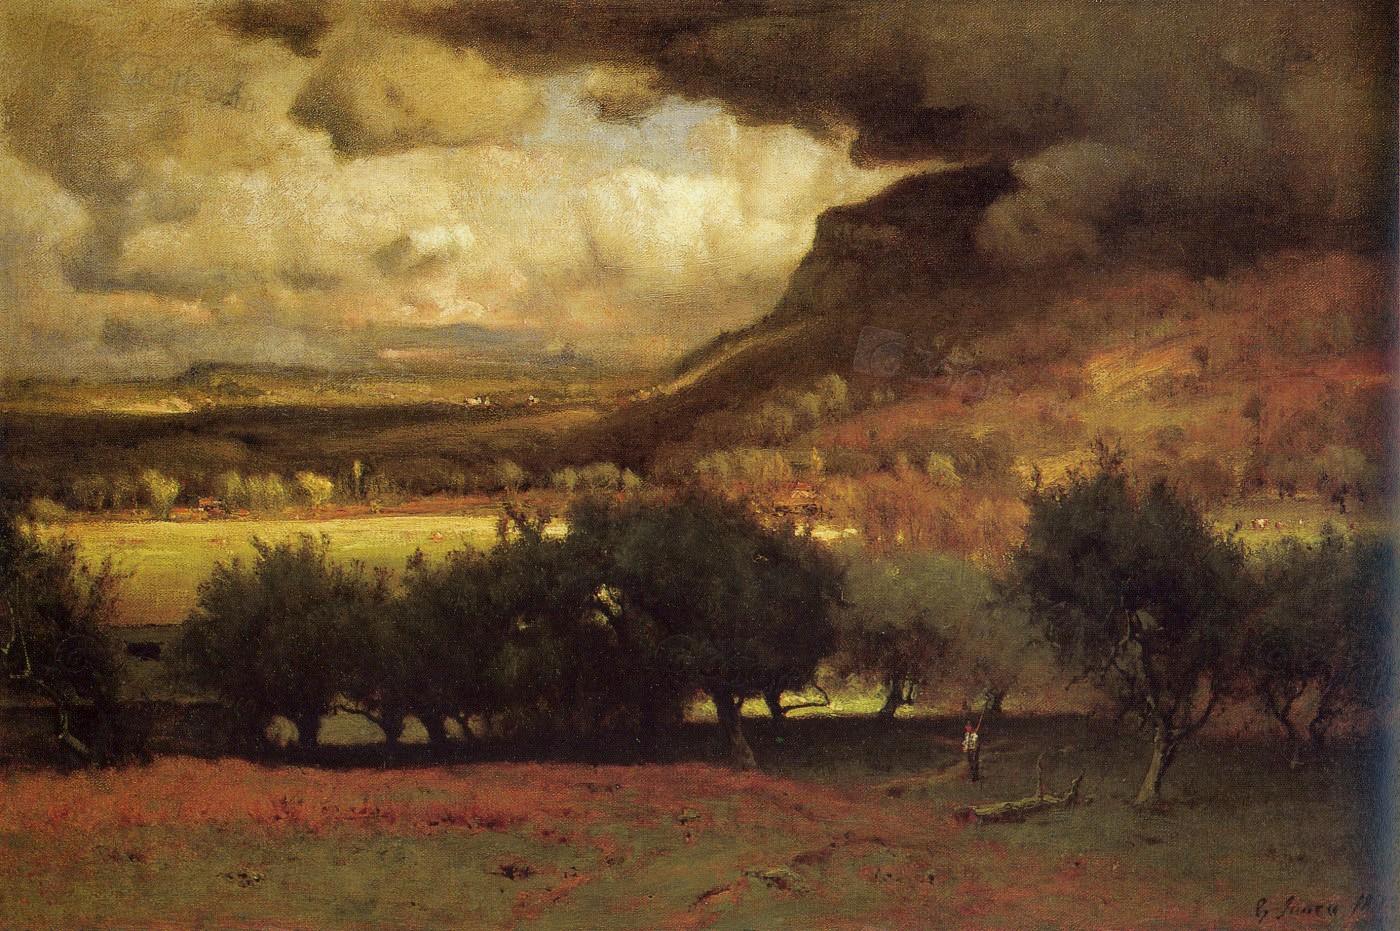 美国画家乔治.英尼斯的风景油画精选